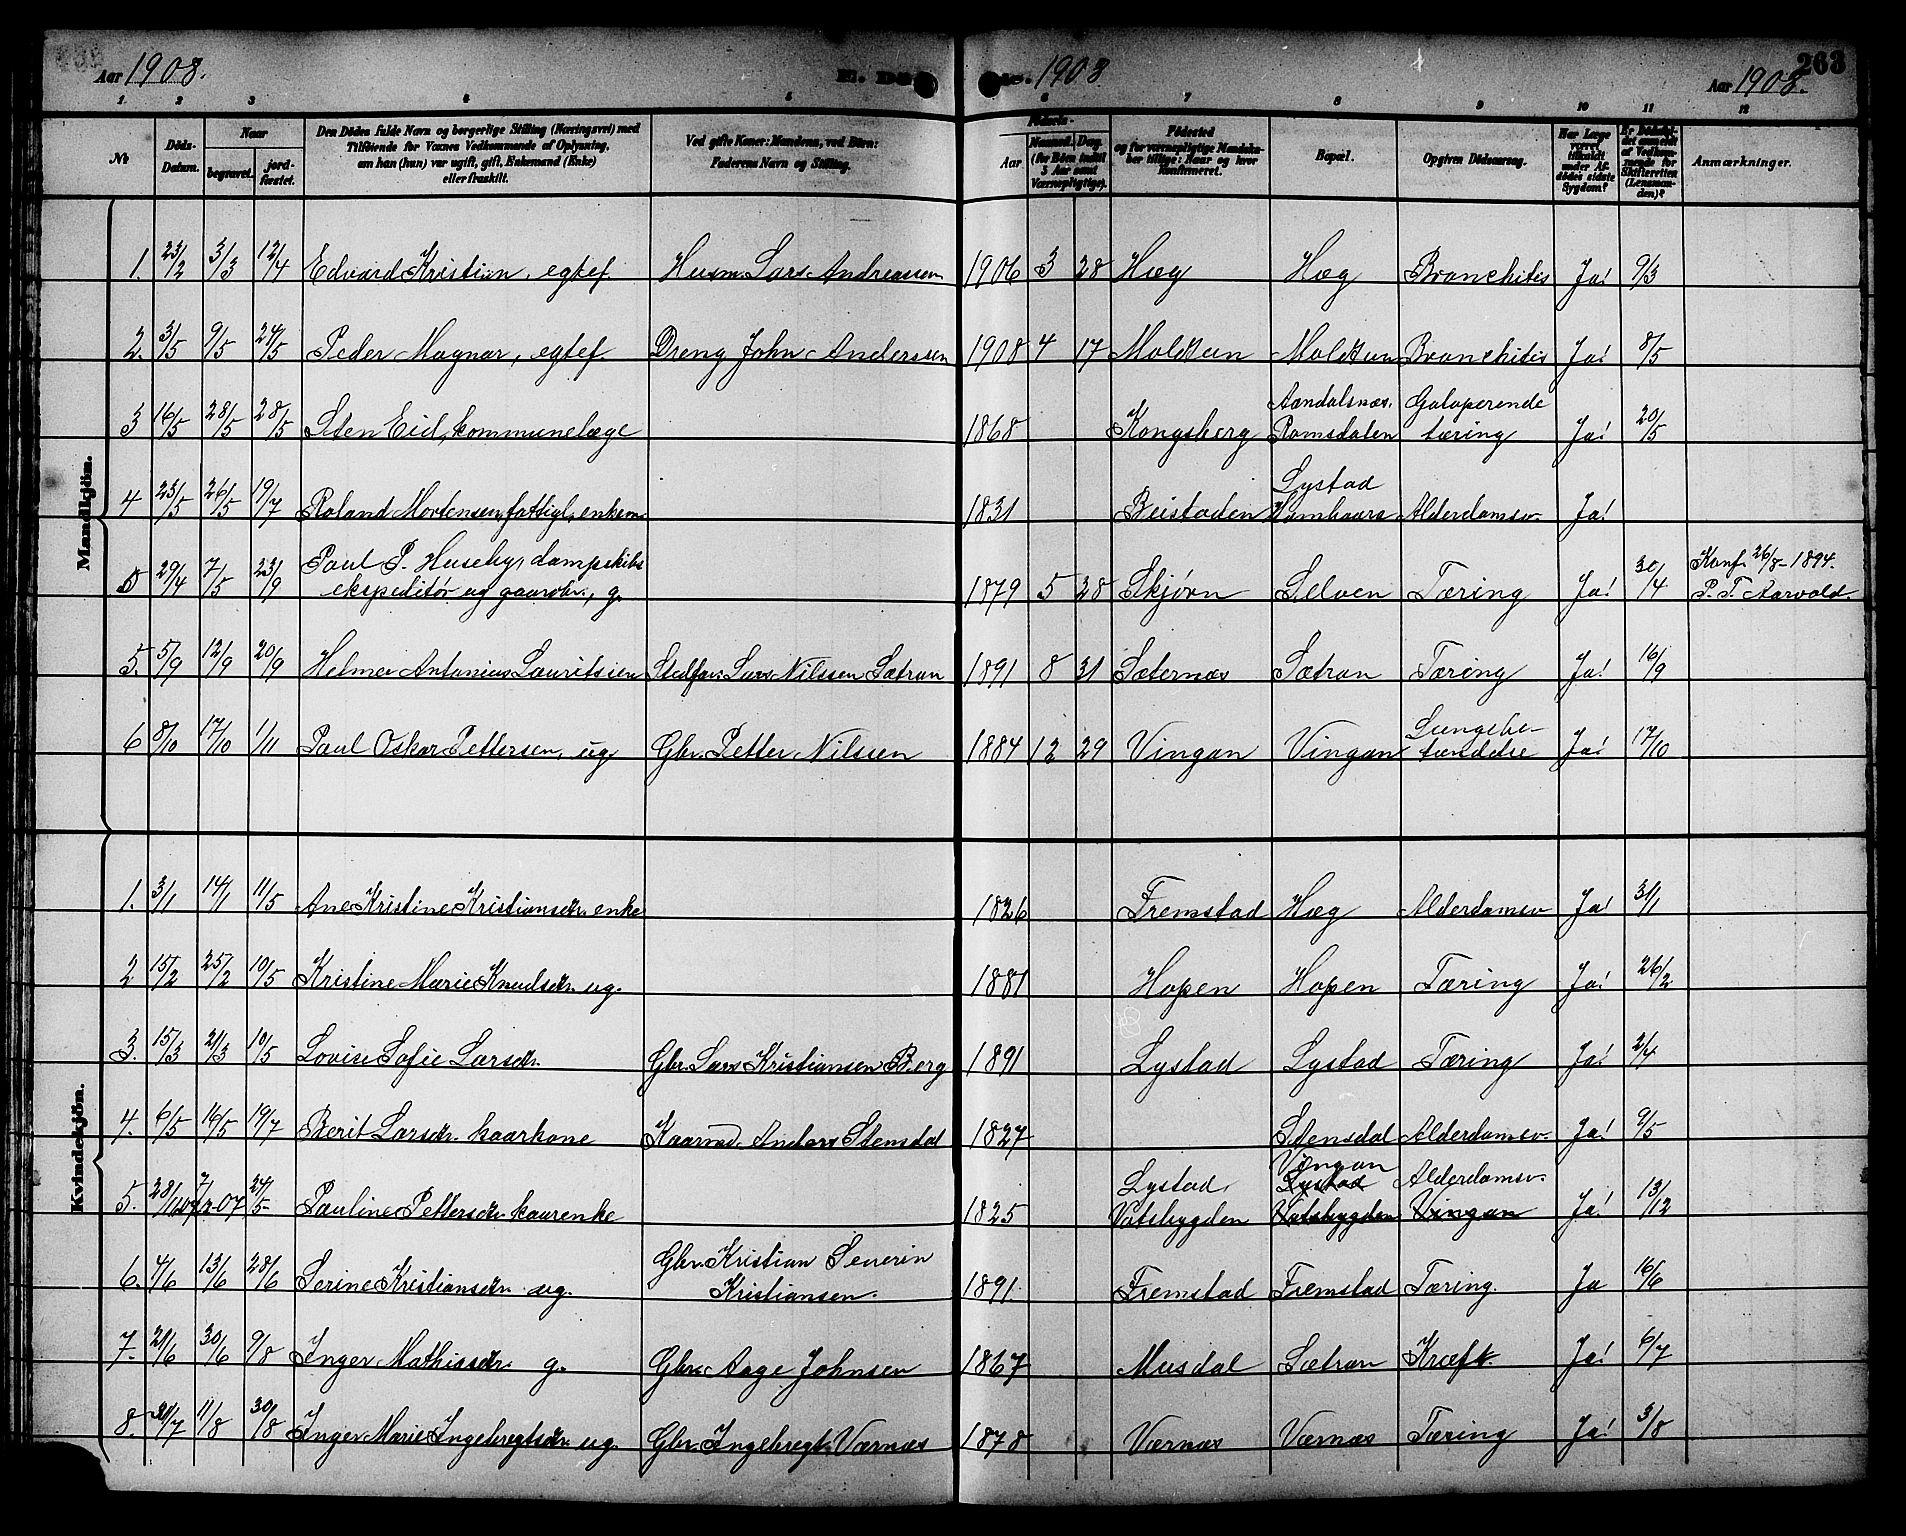 SAT, Ministerialprotokoller, klokkerbøker og fødselsregistre - Sør-Trøndelag, 662/L0757: Klokkerbok nr. 662C02, 1892-1918, s. 263